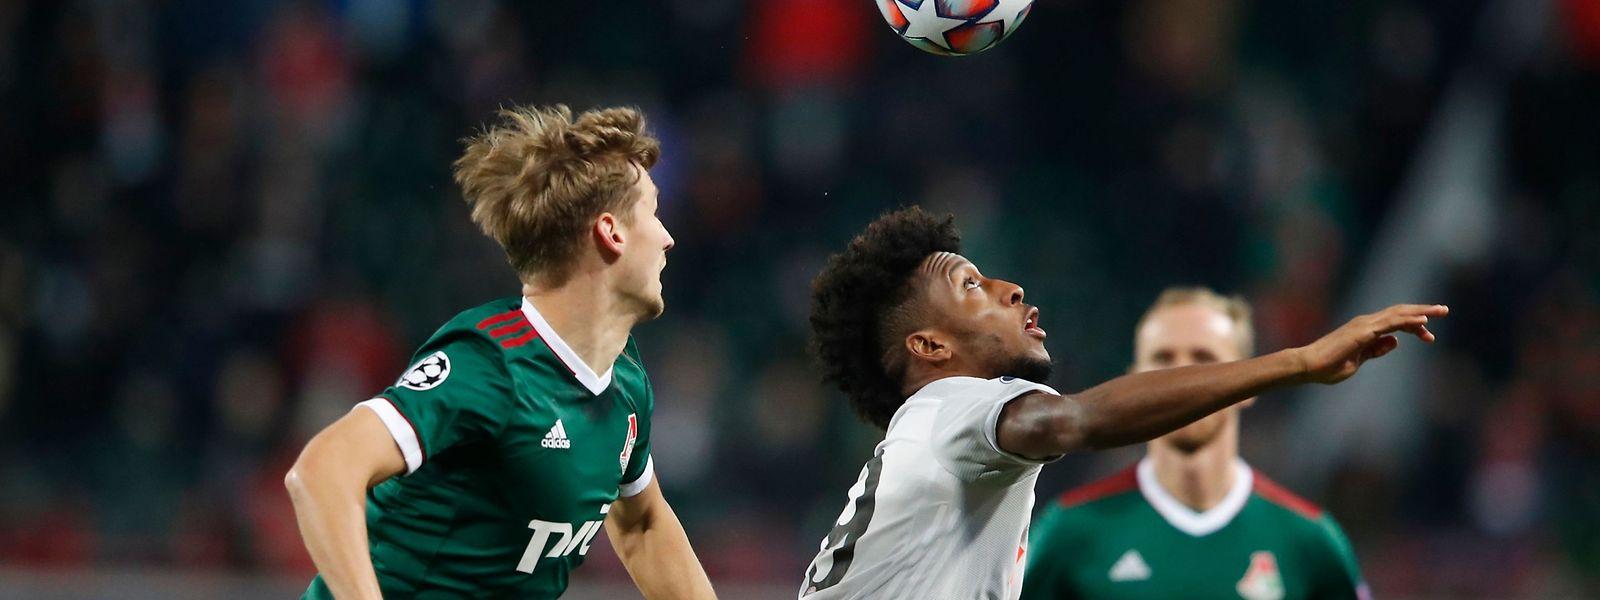 Die Spieler aus Moskau bereiten den Bayern um Kingsley Coman (r.) große Probleme.